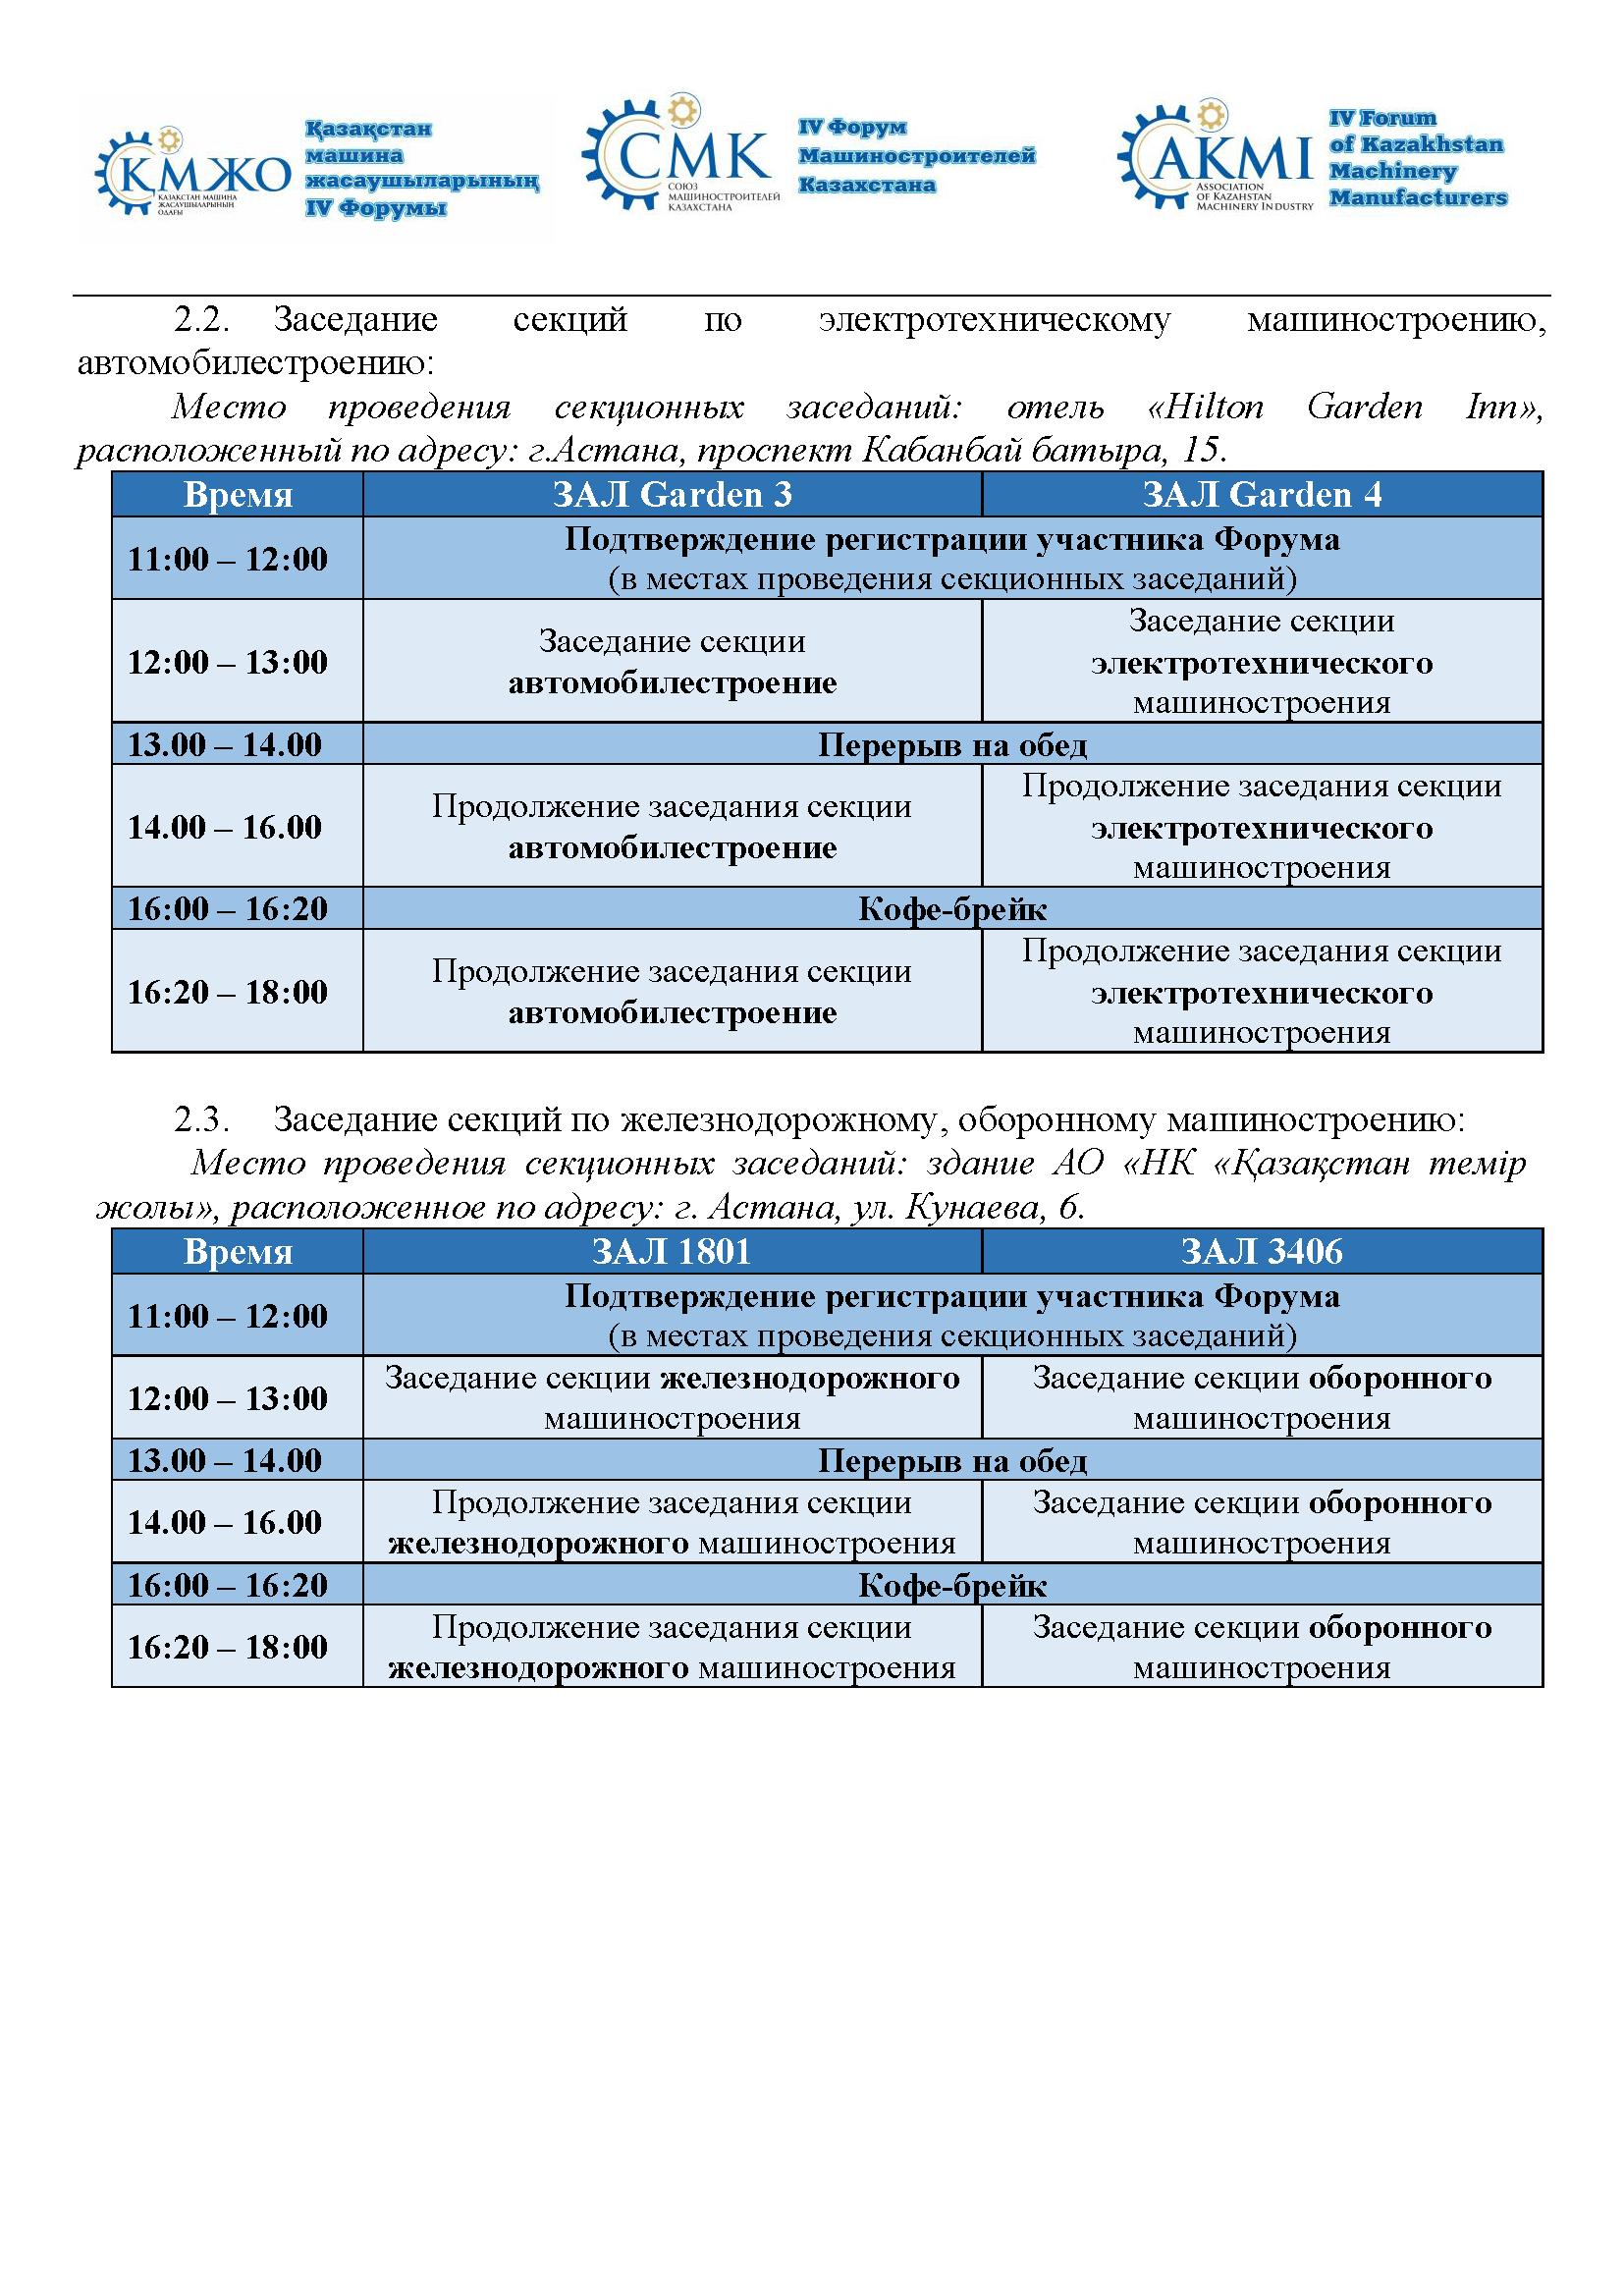 1Программа Форума 2016 - рус